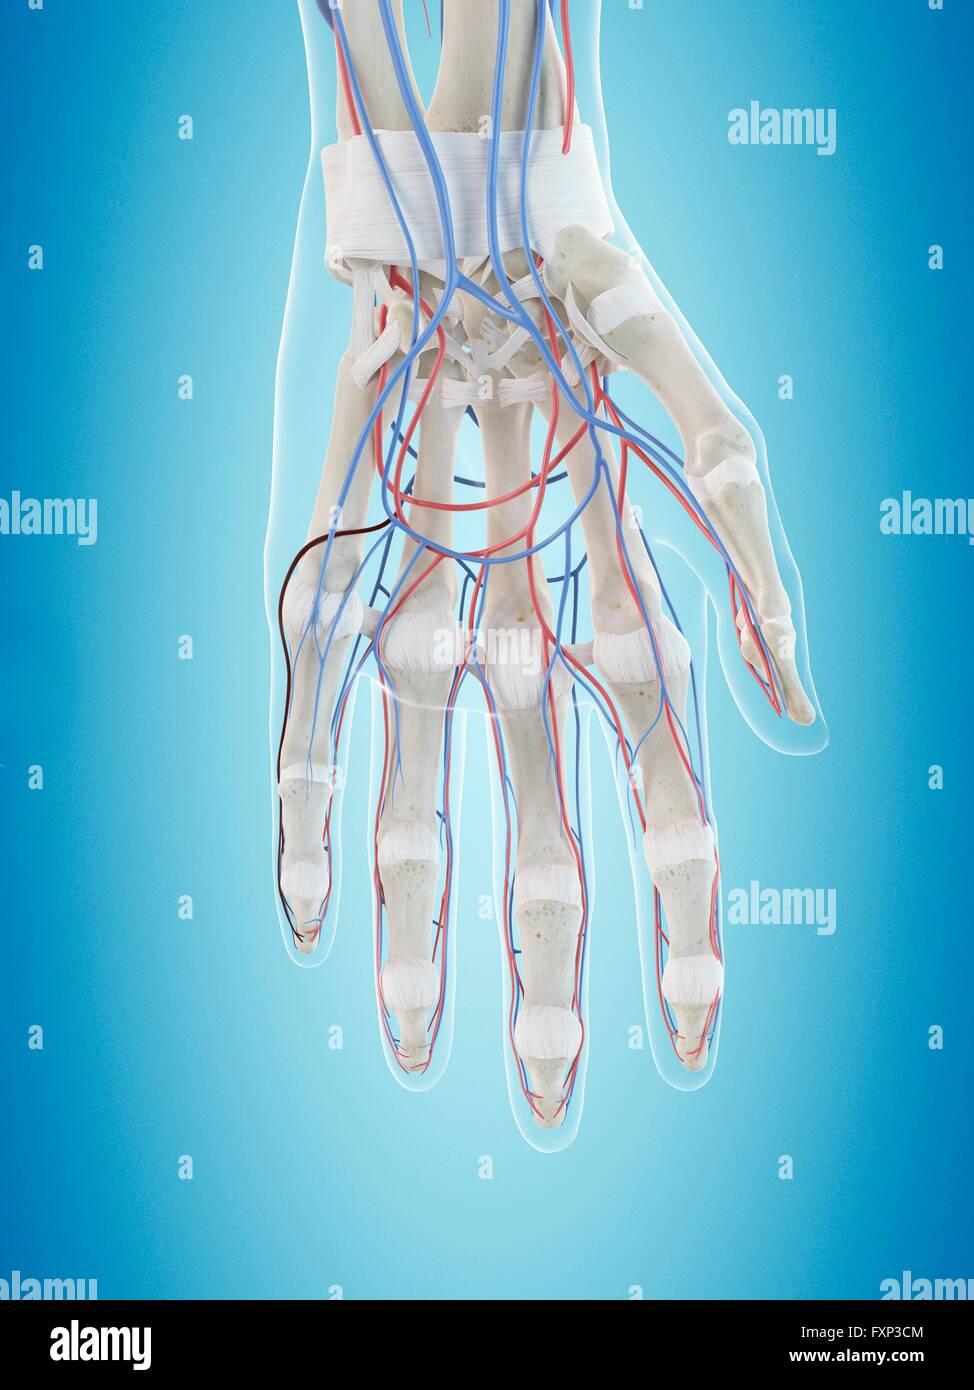 Menschliche Gefäßsystem der Hand, Computer Bild Stockfoto, Bild ...